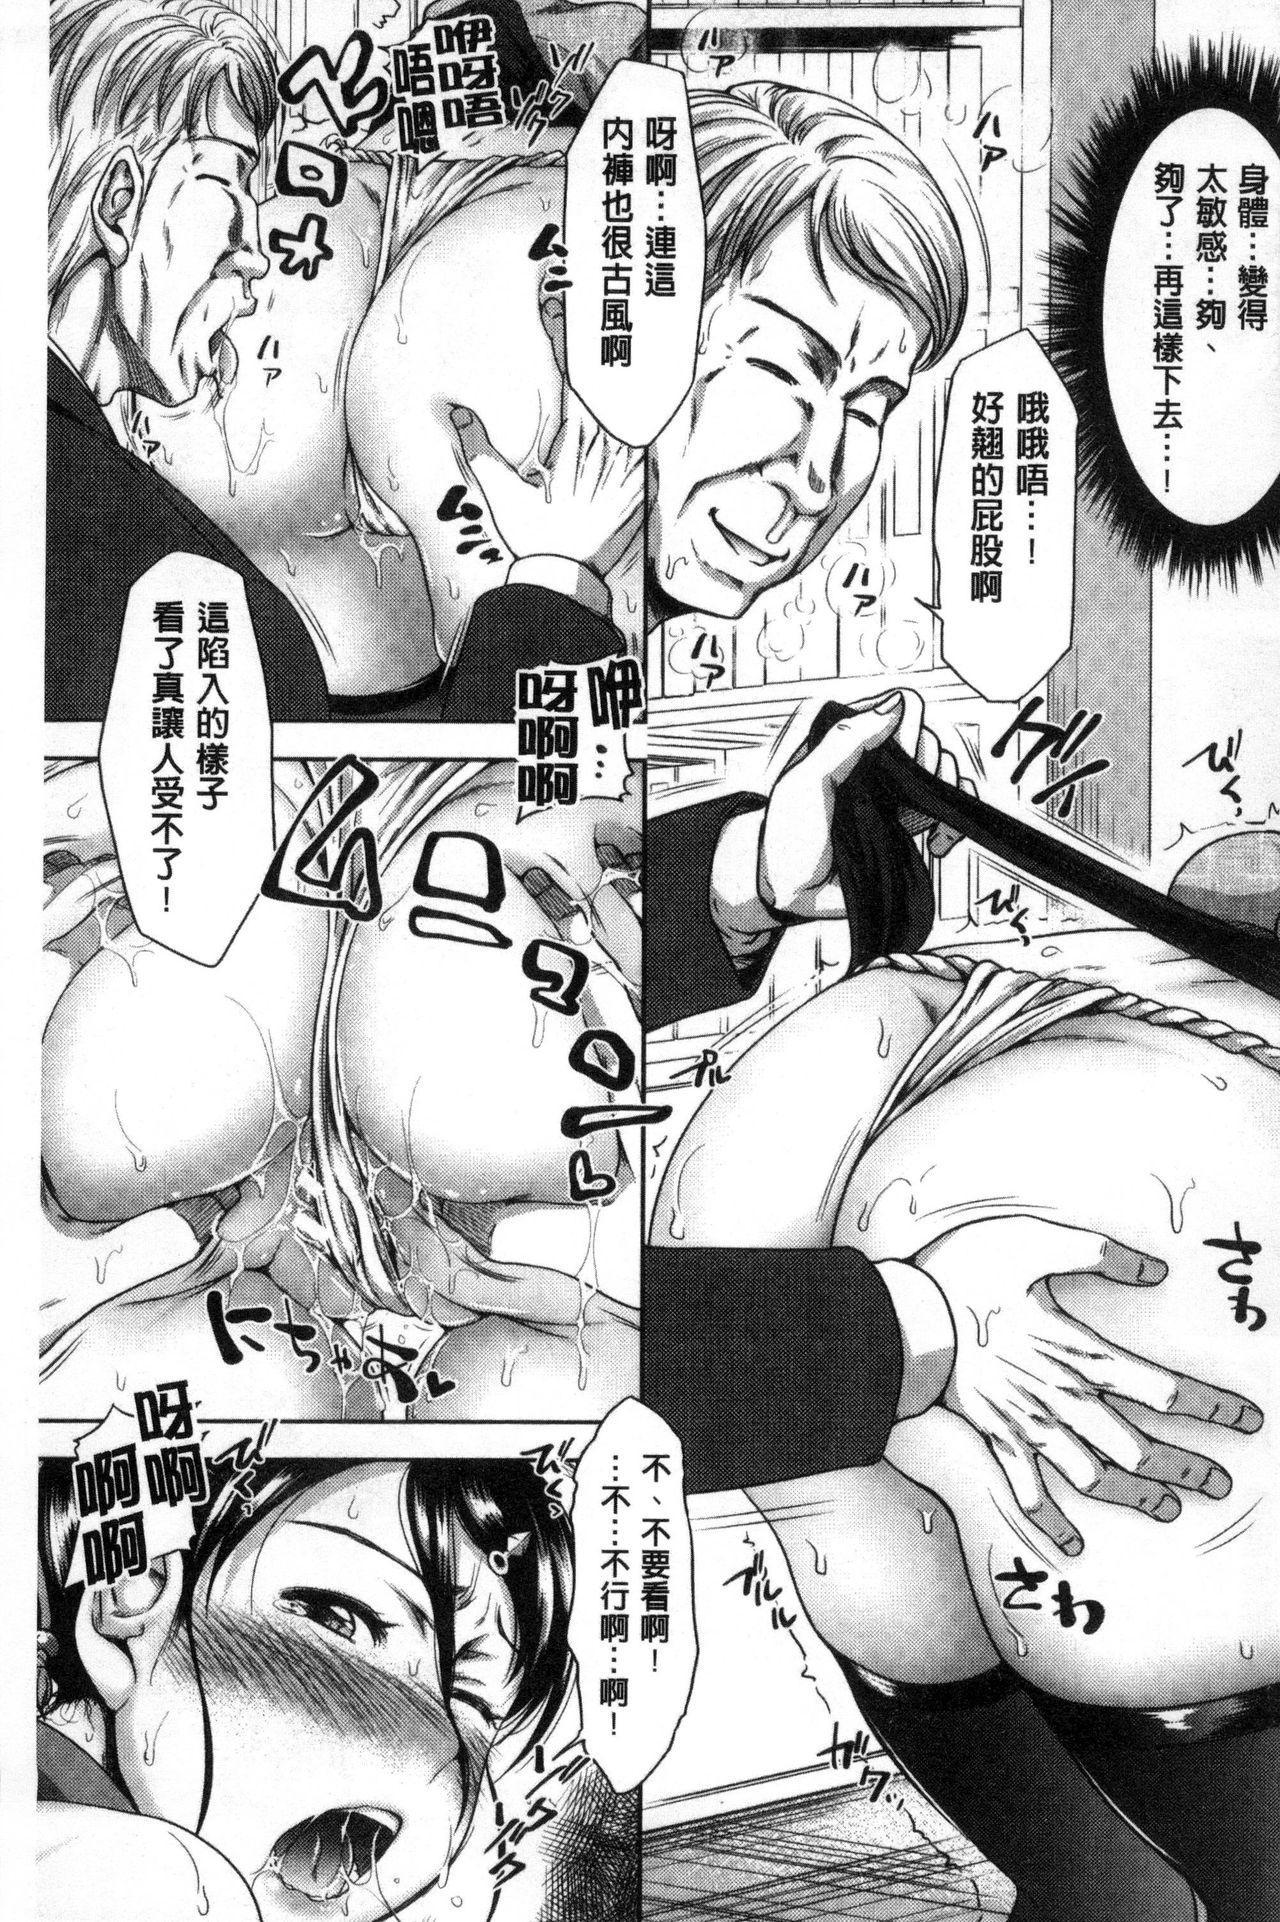 [Takuwan] Sanshimai Show Time -Moshi Ore ga 10-nen mae no Sugata de Seishun Yarinaosetara- | 三姉妹ShowTime -如果我以10年前的模樣青春再玩一次的話- [Chinese] 194